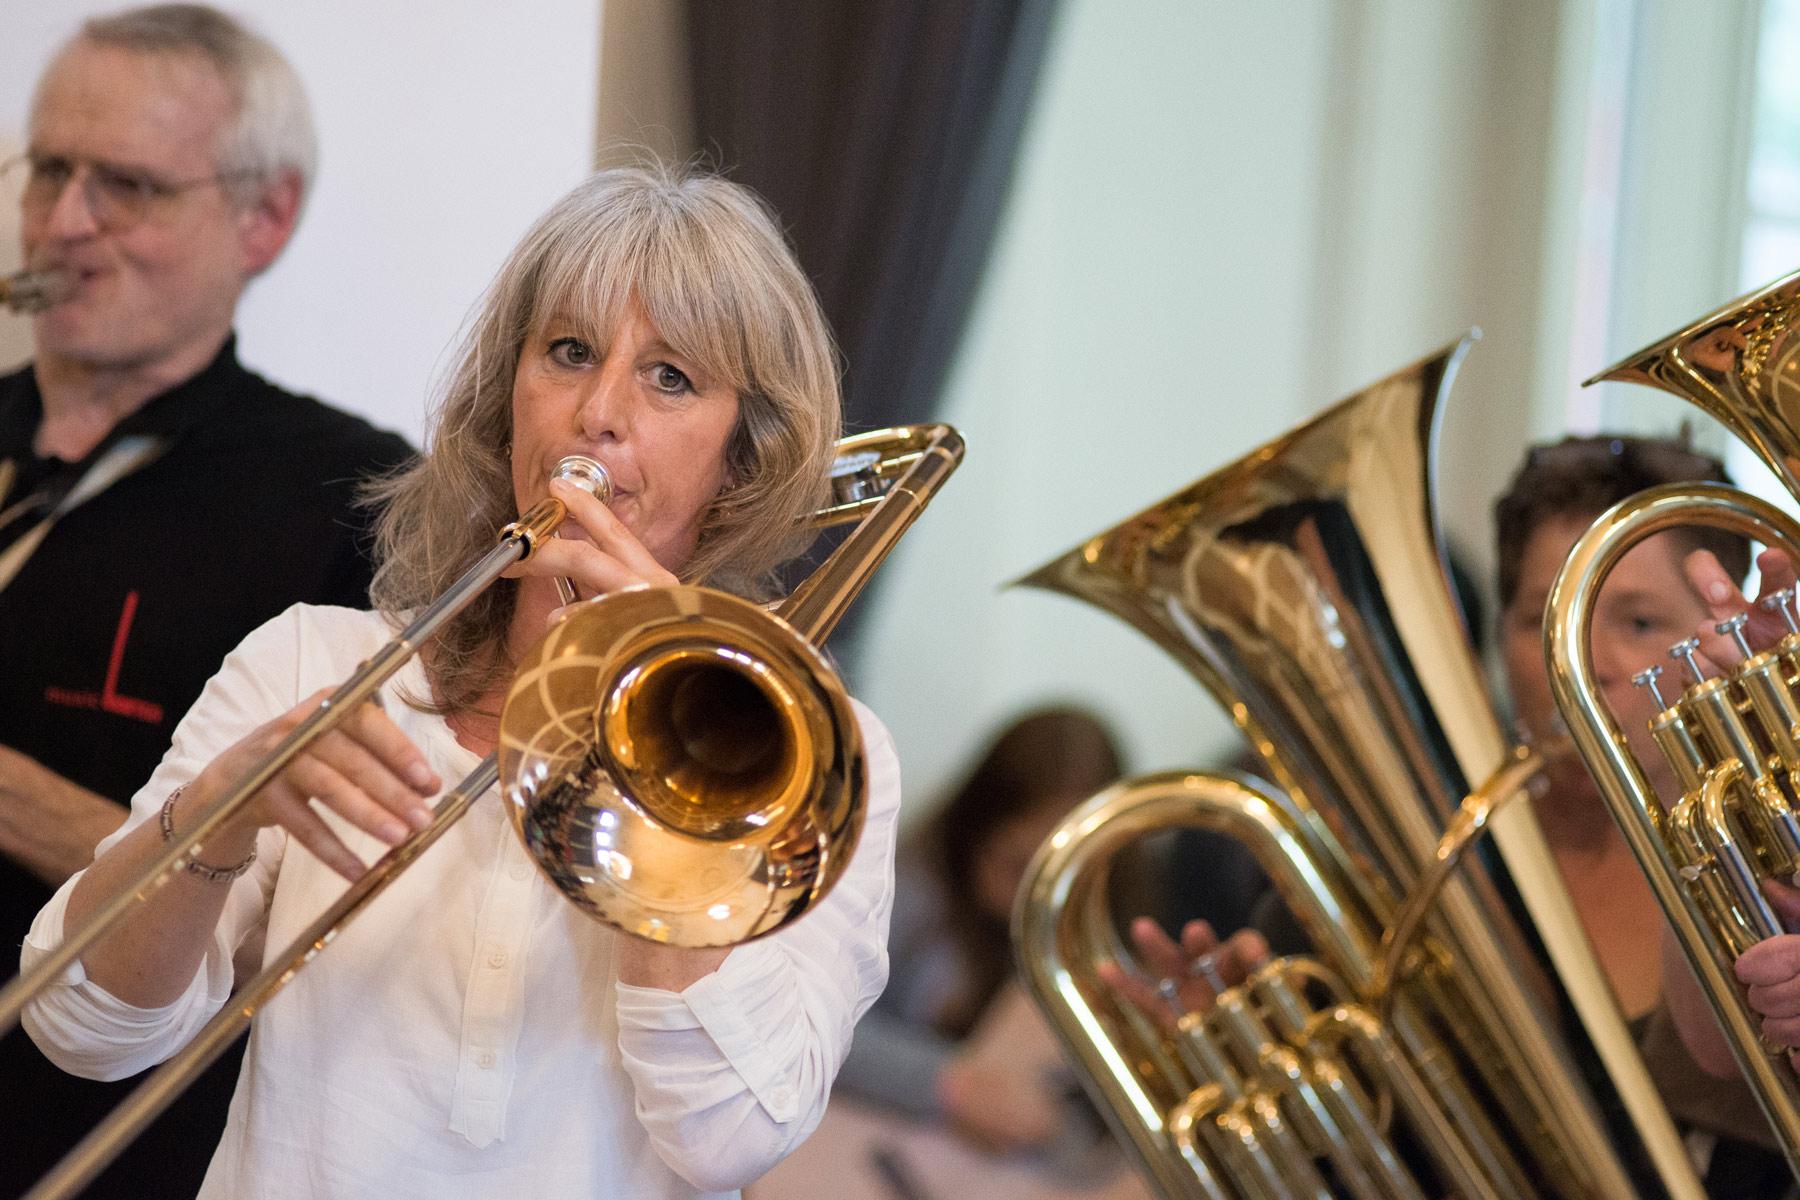 Konzert des Anti-Aging Bläserensembles im Ballsaal des Alten Kurhauses - music loft | Freie Musikschule Aachen